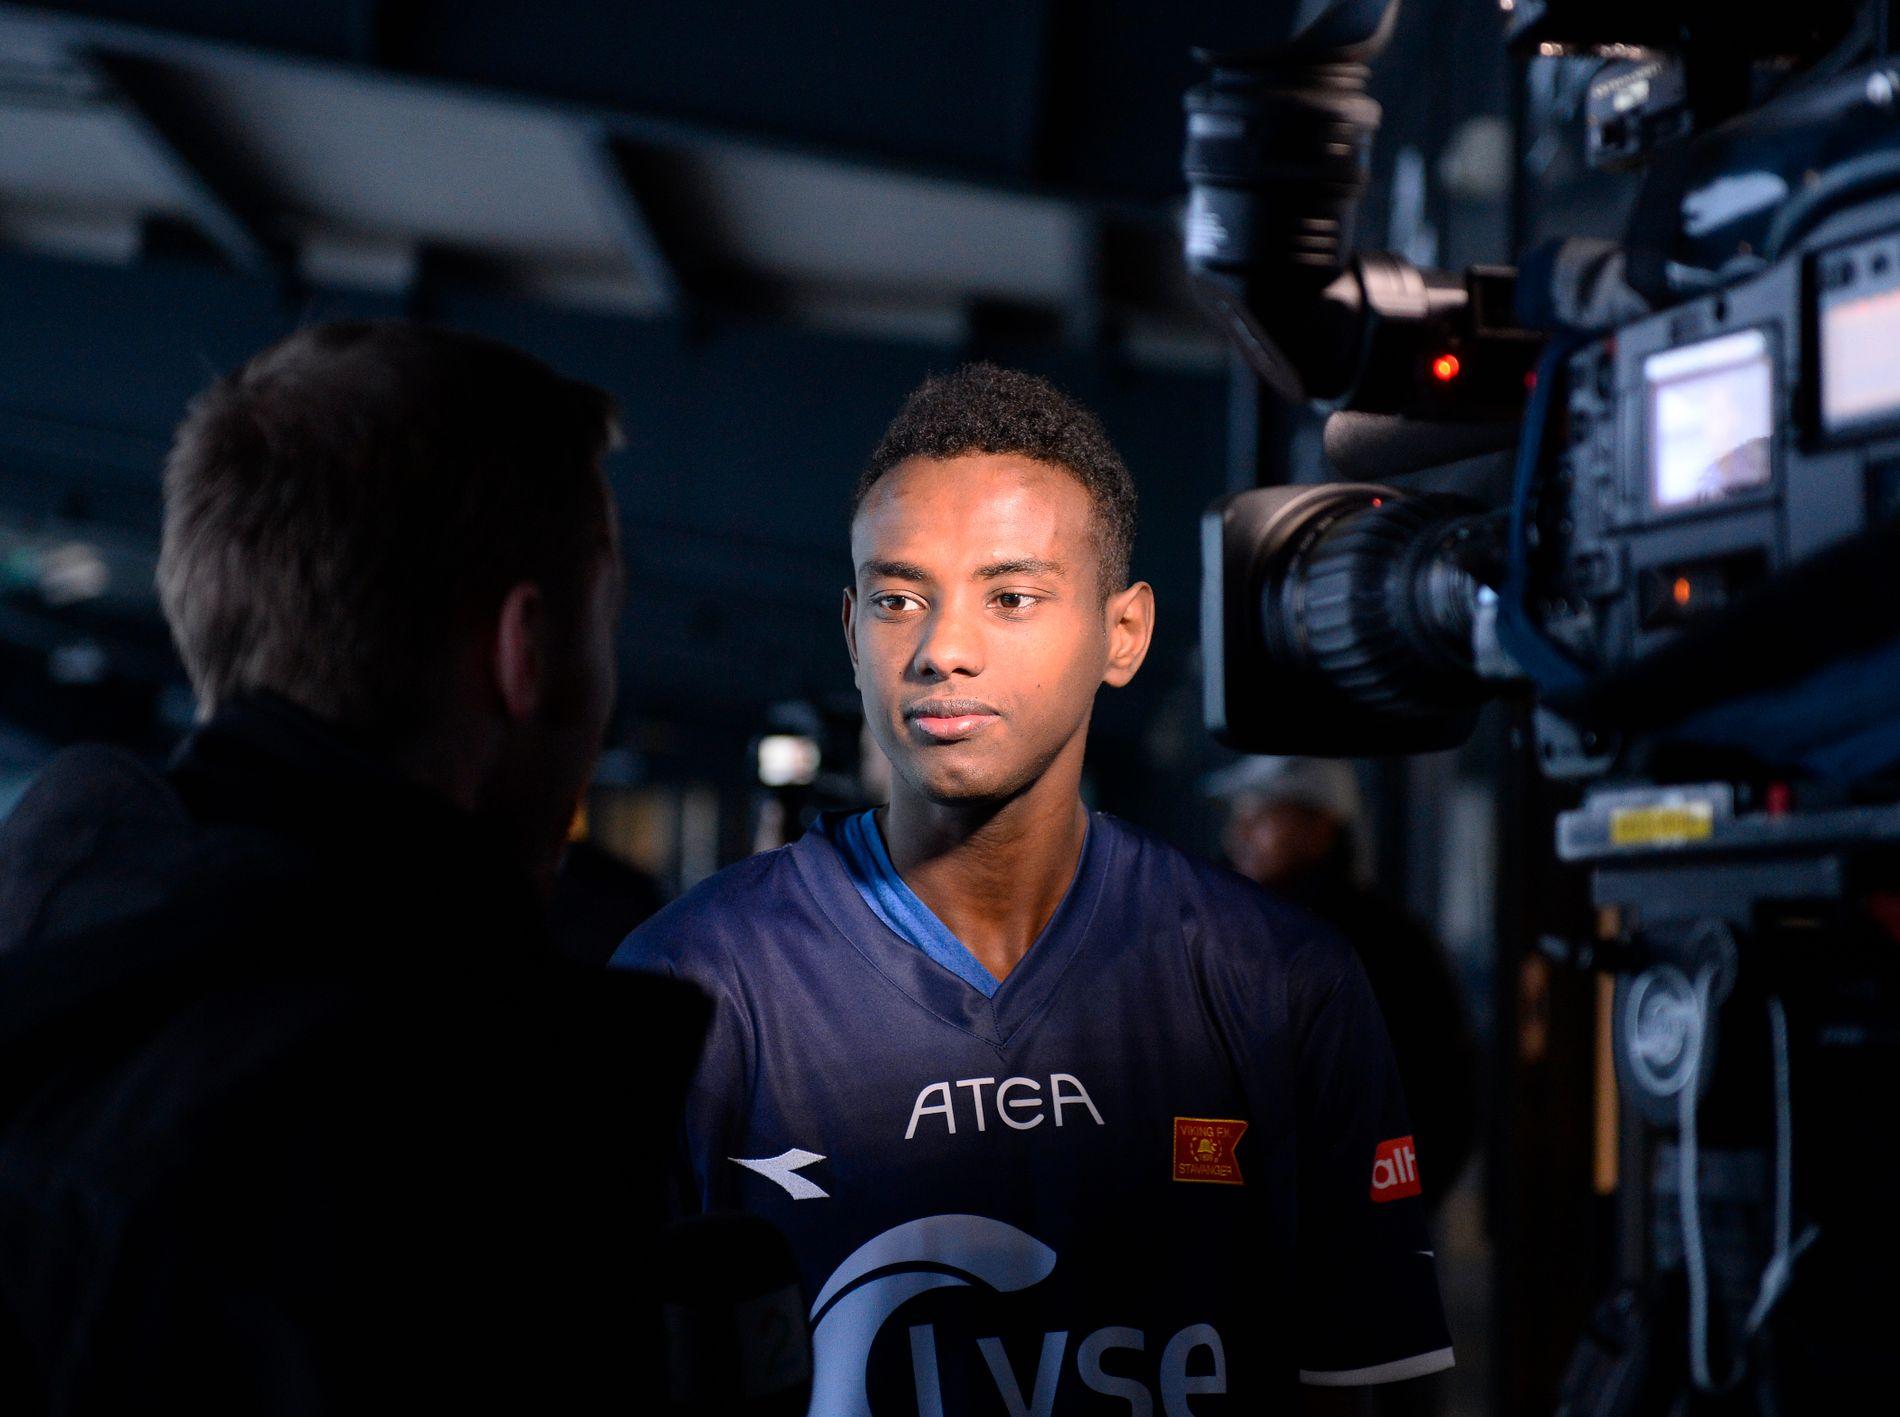 Tidligere Viking-, Godset- og Vålerenga-spiller Abdisalam Ibrahim skal tilbringe de neste seks månedene i Riga FC.